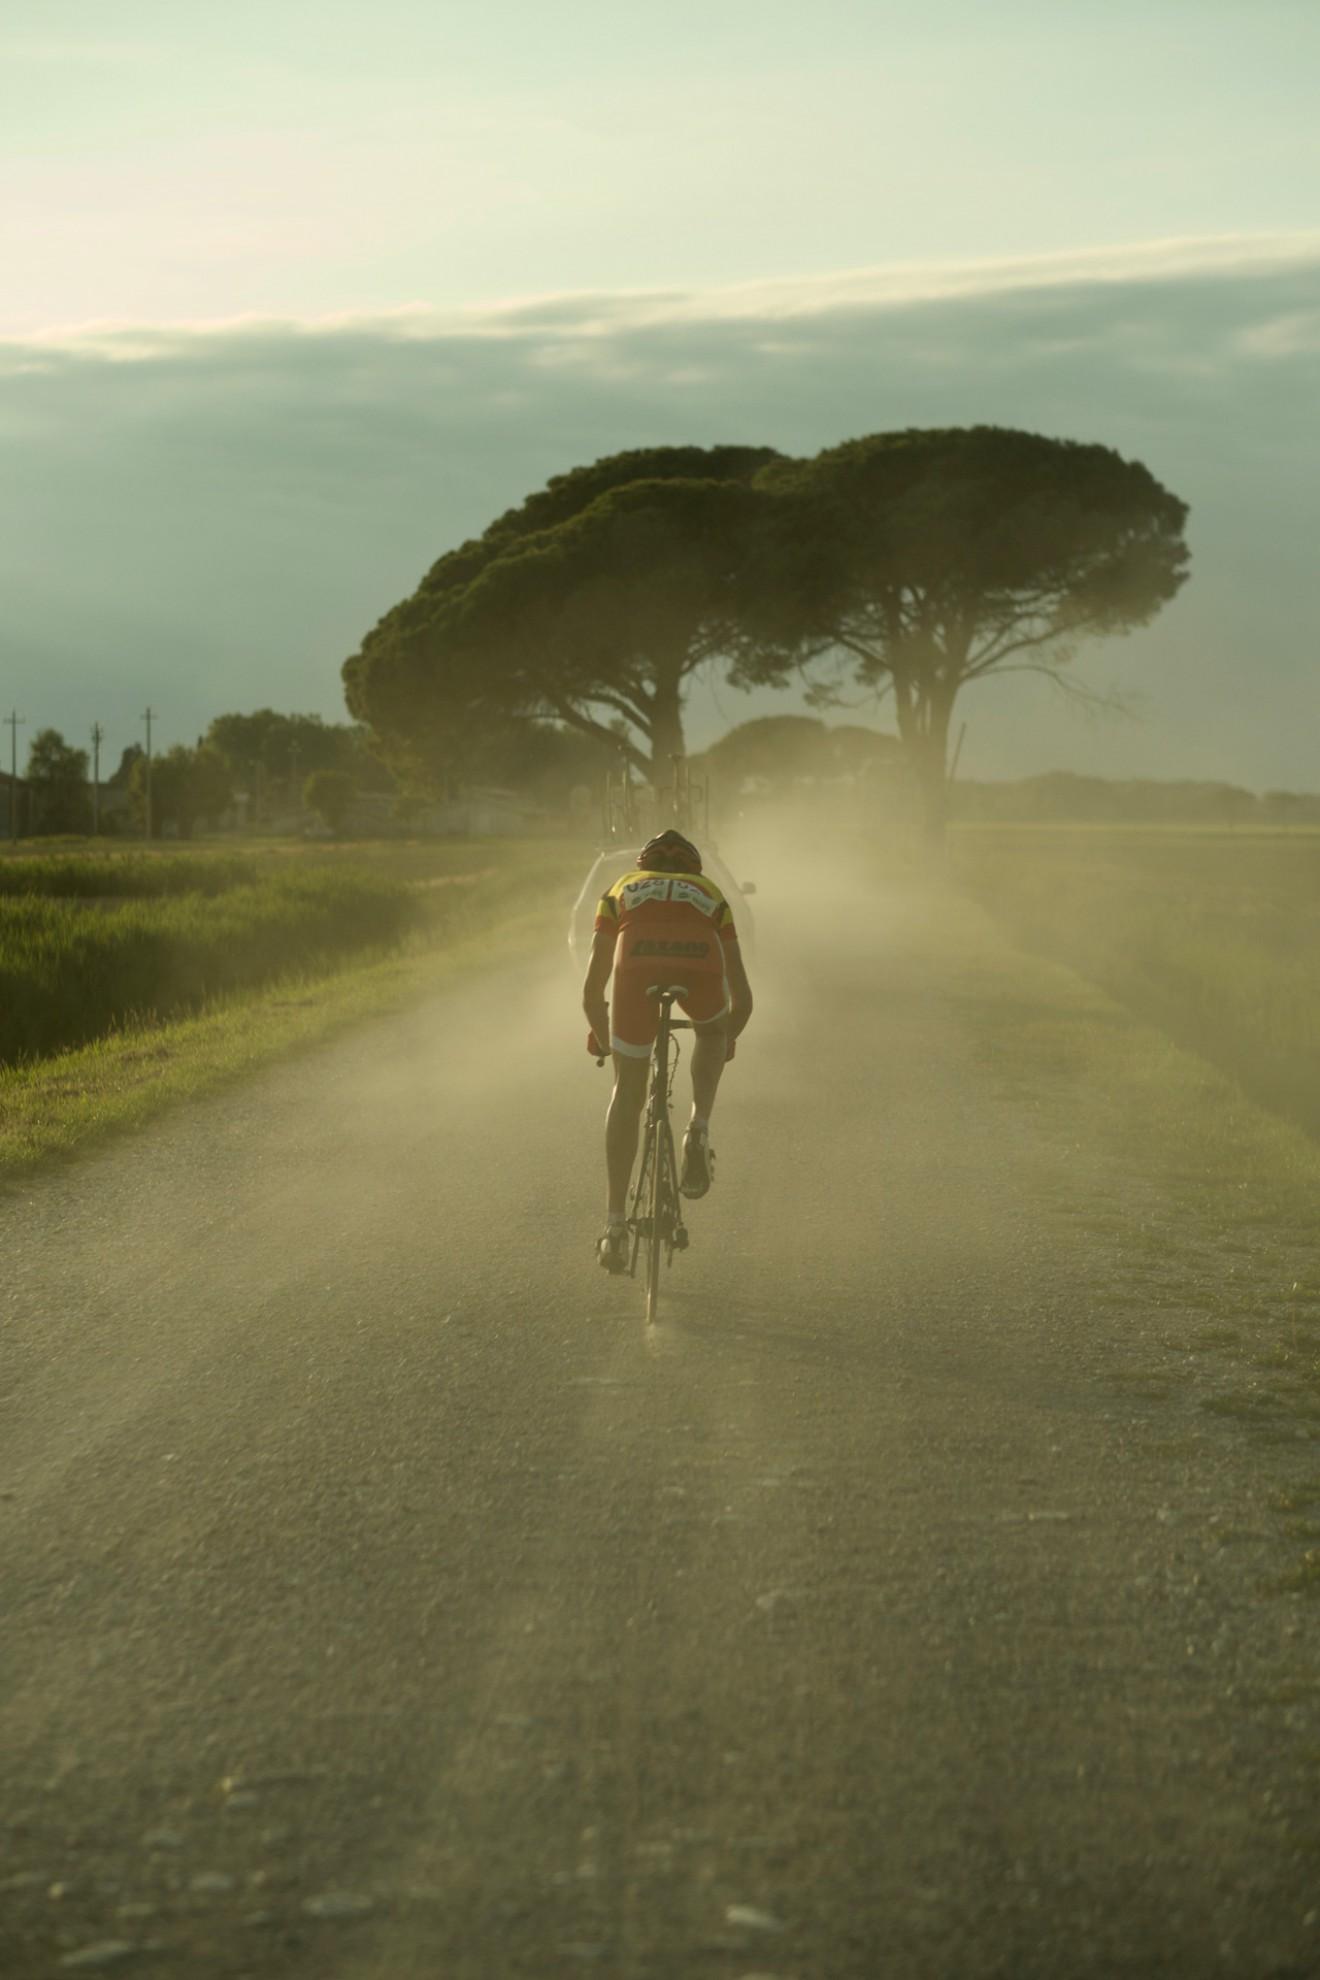 2018 比利時《逐夢自行車》職業車手的冠軍之路